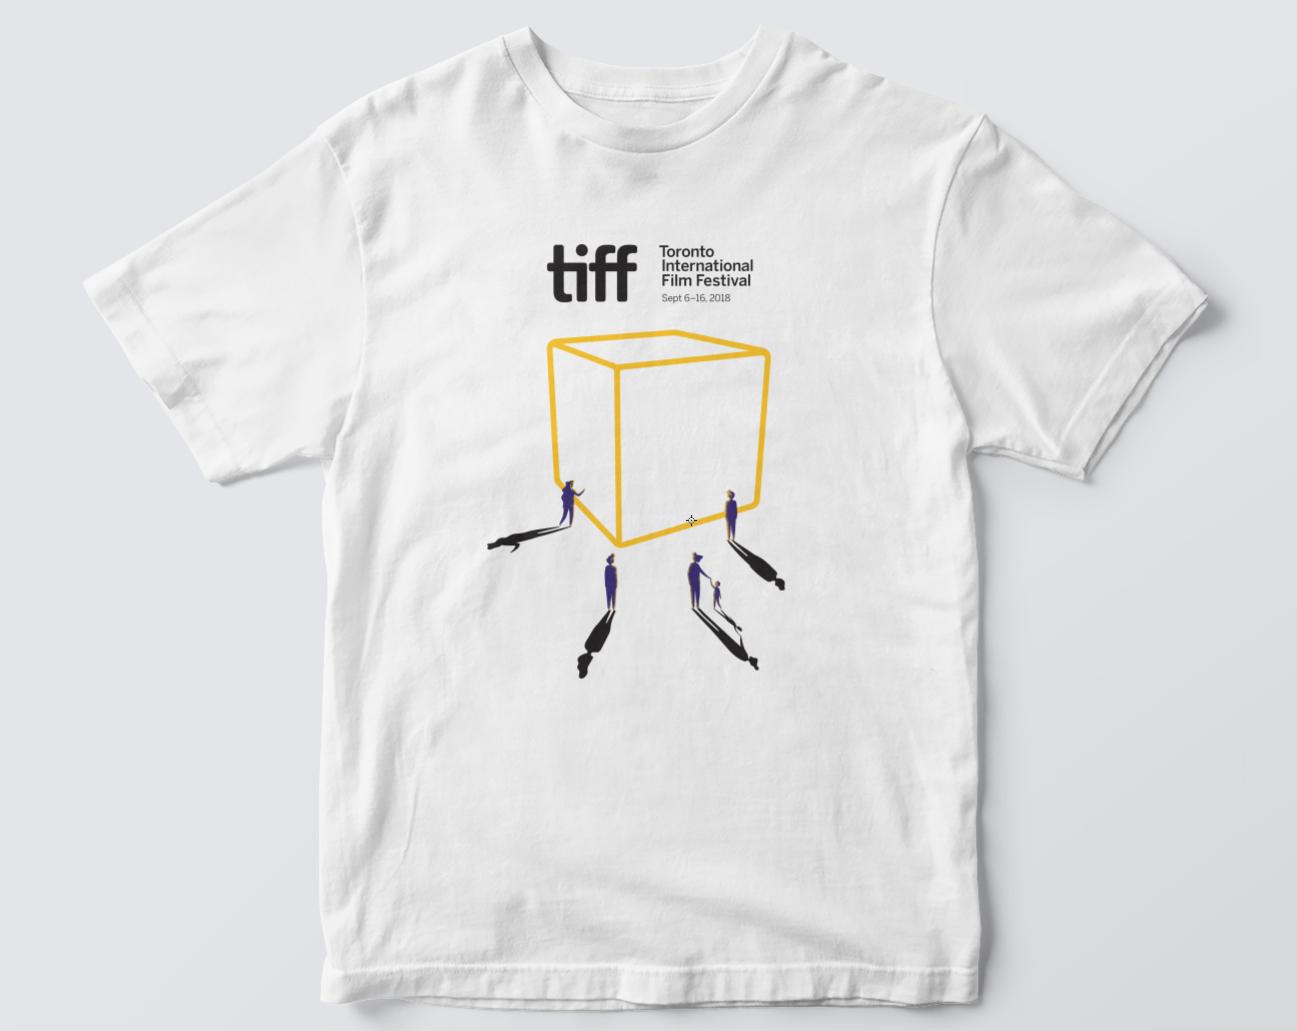 tiff white tshirt